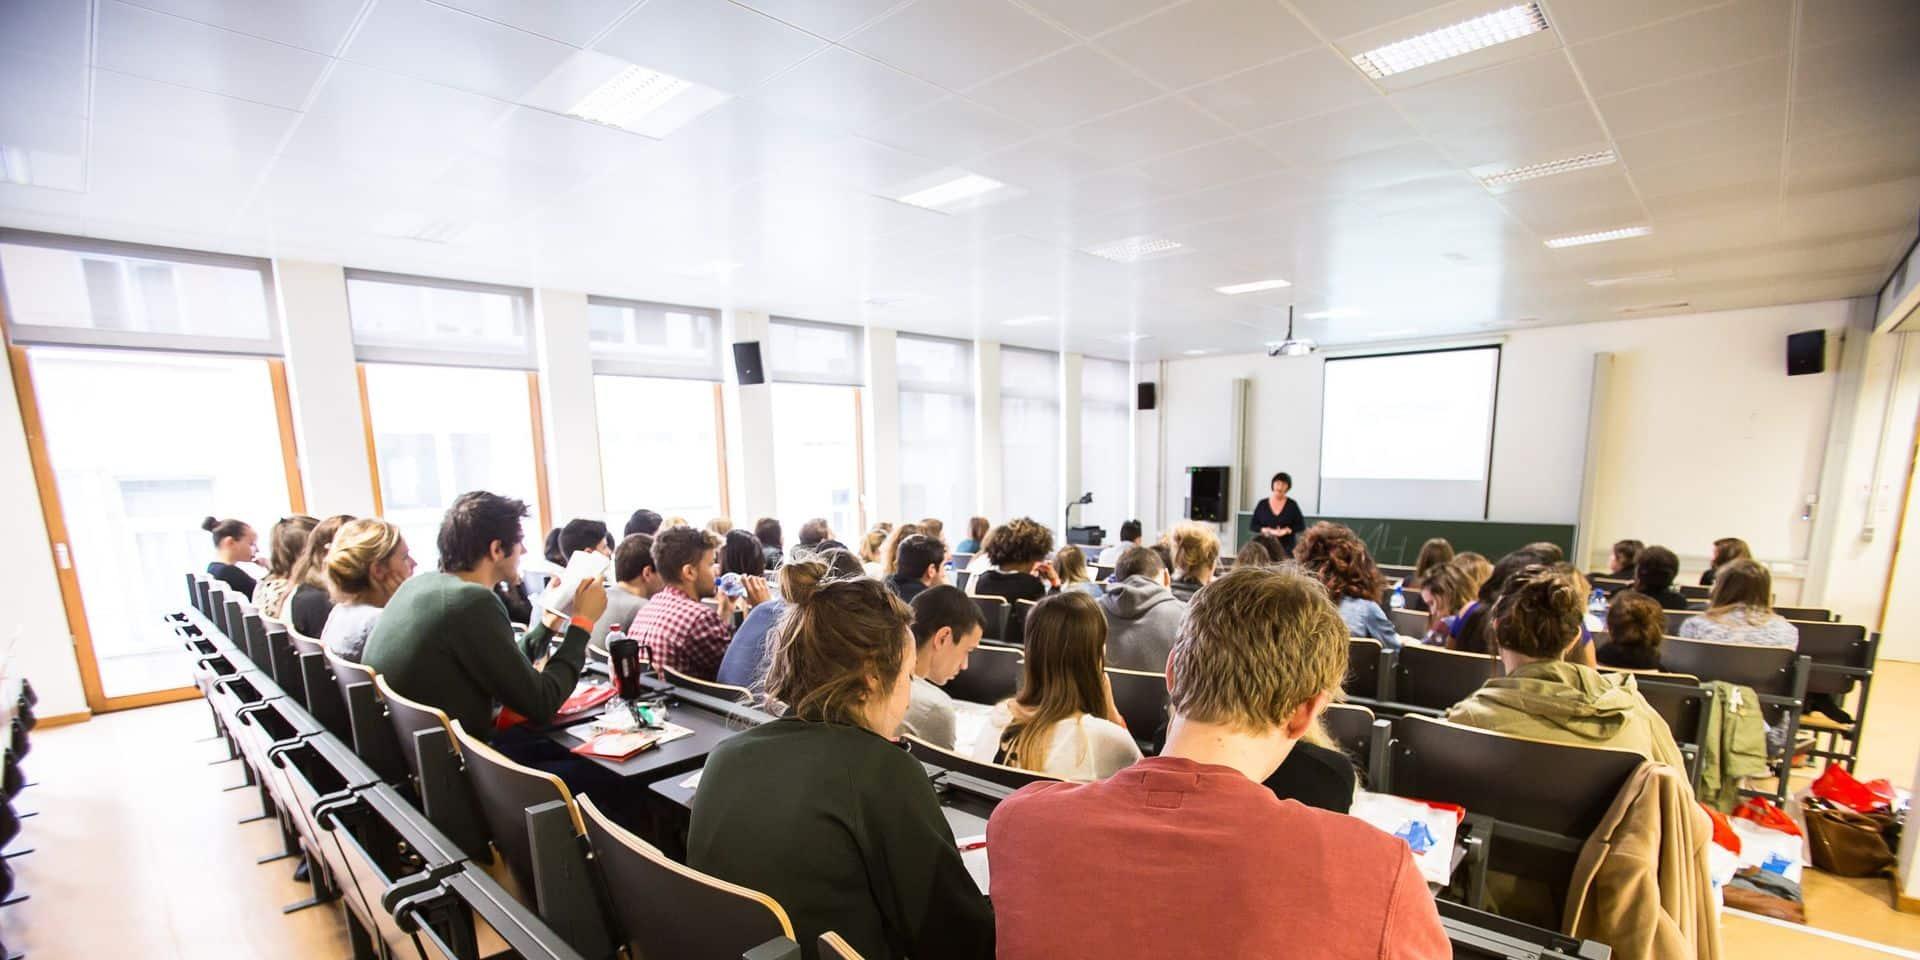 Une haute école belge contrainte de fermer ses locaux après une cyberattaque